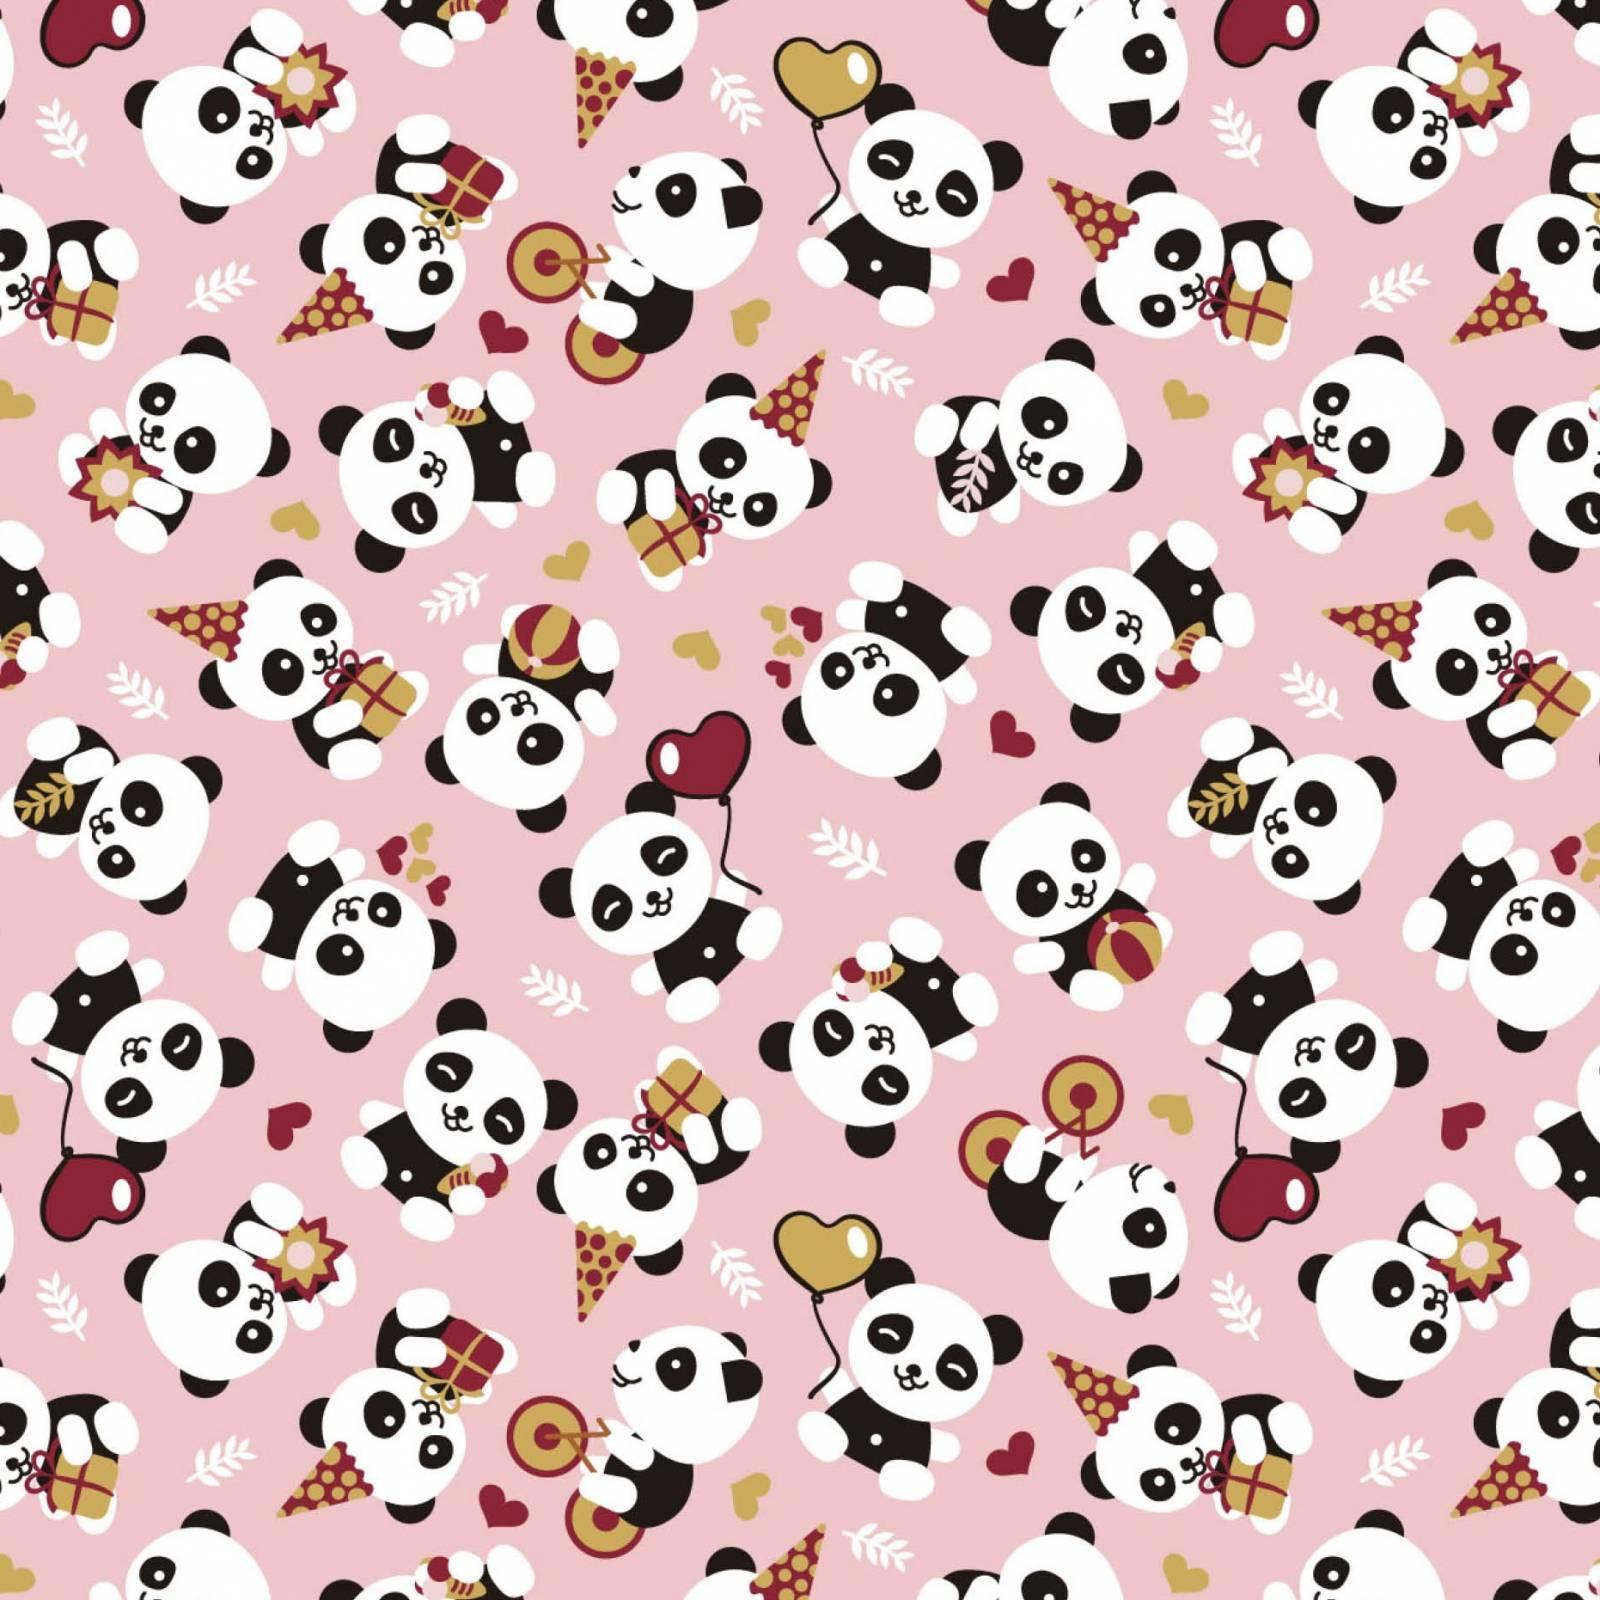 Estampado Pandas Ref. 2078 Círculo - Armarinhos Nodari